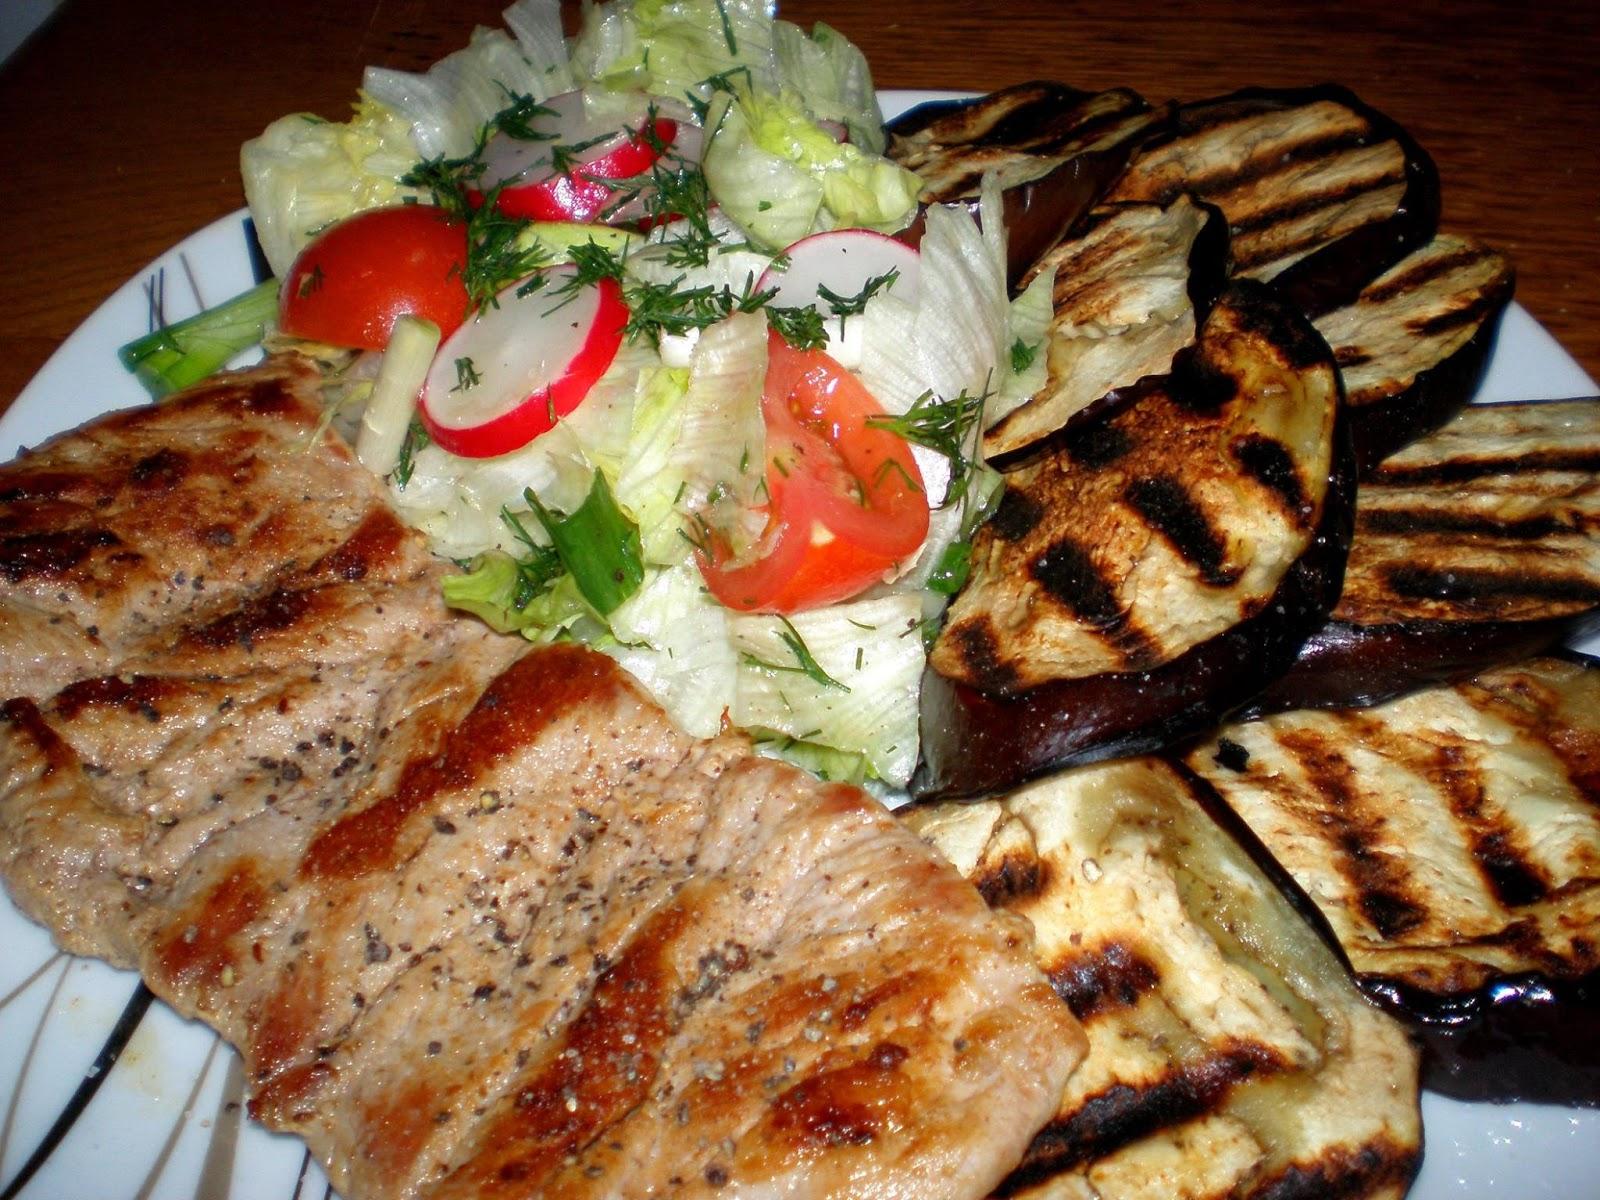 Mușchiuleț de porc, vinete pe grill și salată iceberg